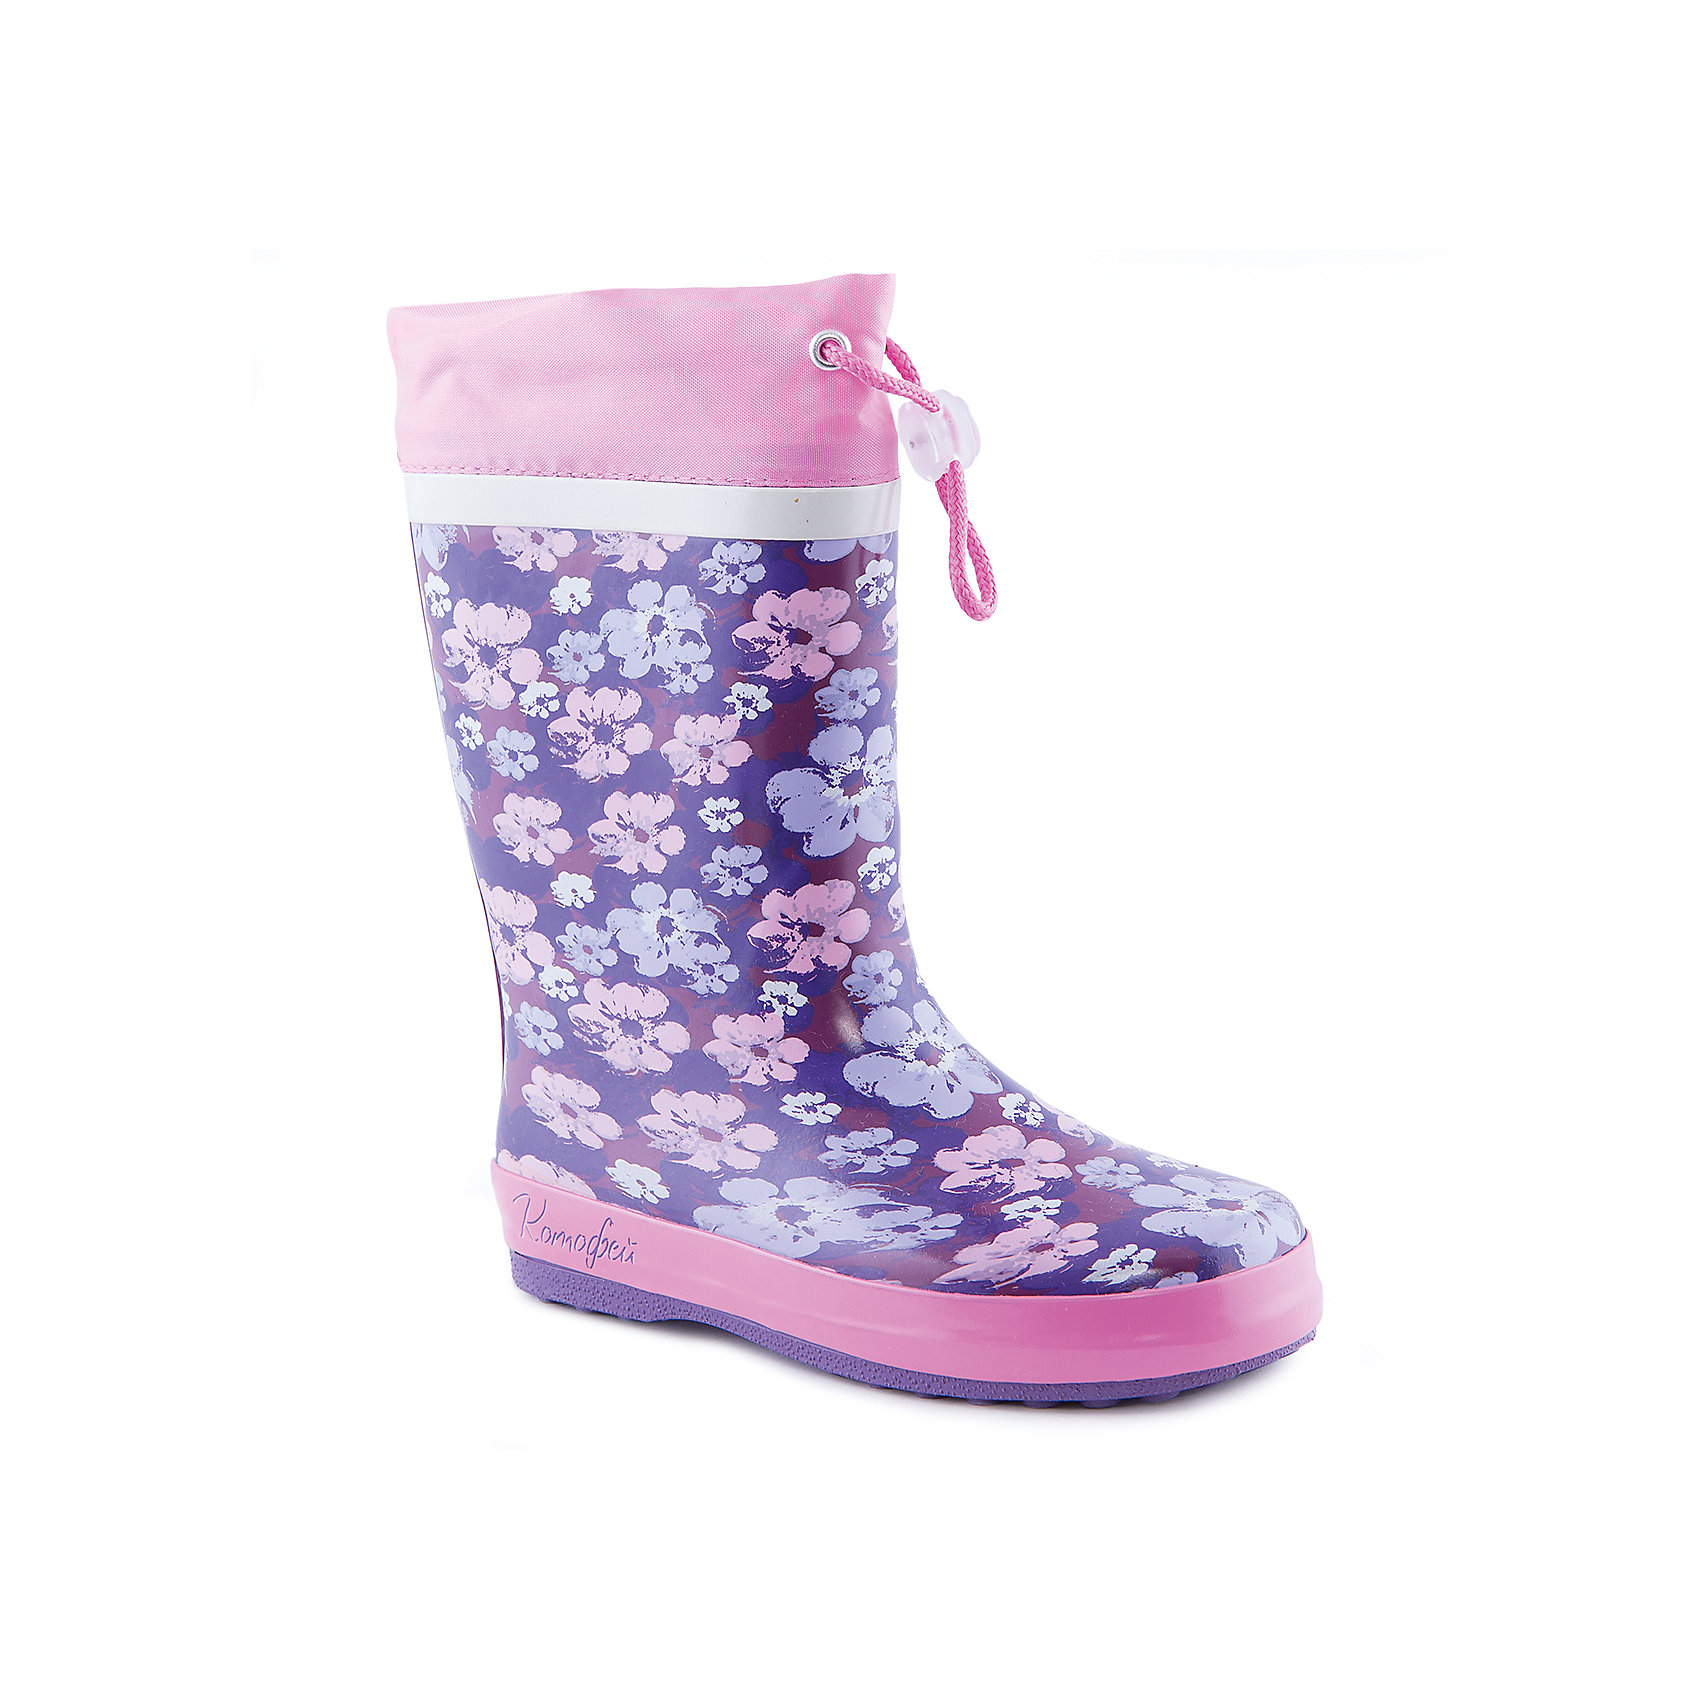 Резиновые сапоги для девочки КотофейСапожки для девочки от известного российского бренда Котофей <br><br>Яркие модные сапоги сделаны из качественной резины. Они позволят защитить ноги ребенка от сырости.<br>Высокое голенище с утяжкой защитит одежду от грязи и влаги.<br><br>Отличительные особенности модели:<br><br>- цвет: розовый, фиолетовый;<br>- удобная колодка;<br>- утяжка со стоппером на голенище;<br>- качественные материалы;<br>- толстая устойчивая подошва;<br>- сделаны с помощью горячей вулканизации;<br>- текстильная подкладка;<br>- декорированы принтом.<br><br>Дополнительная информация:<br><br>Температурный режим: от +5° С до +25° С.<br><br>Состав:<br>верх - резина;<br>подкладка - текстиль;<br>подошва - резина.<br><br>Сапожки для девочки Котофей можно купить в нашем магазине.<br><br>Ширина мм: 257<br>Глубина мм: 180<br>Высота мм: 130<br>Вес г: 420<br>Цвет: фиолетовый<br>Возраст от месяцев: 96<br>Возраст до месяцев: 108<br>Пол: Женский<br>Возраст: Детский<br>Размер: 32,31,33,35,34,30<br>SKU: 4565920